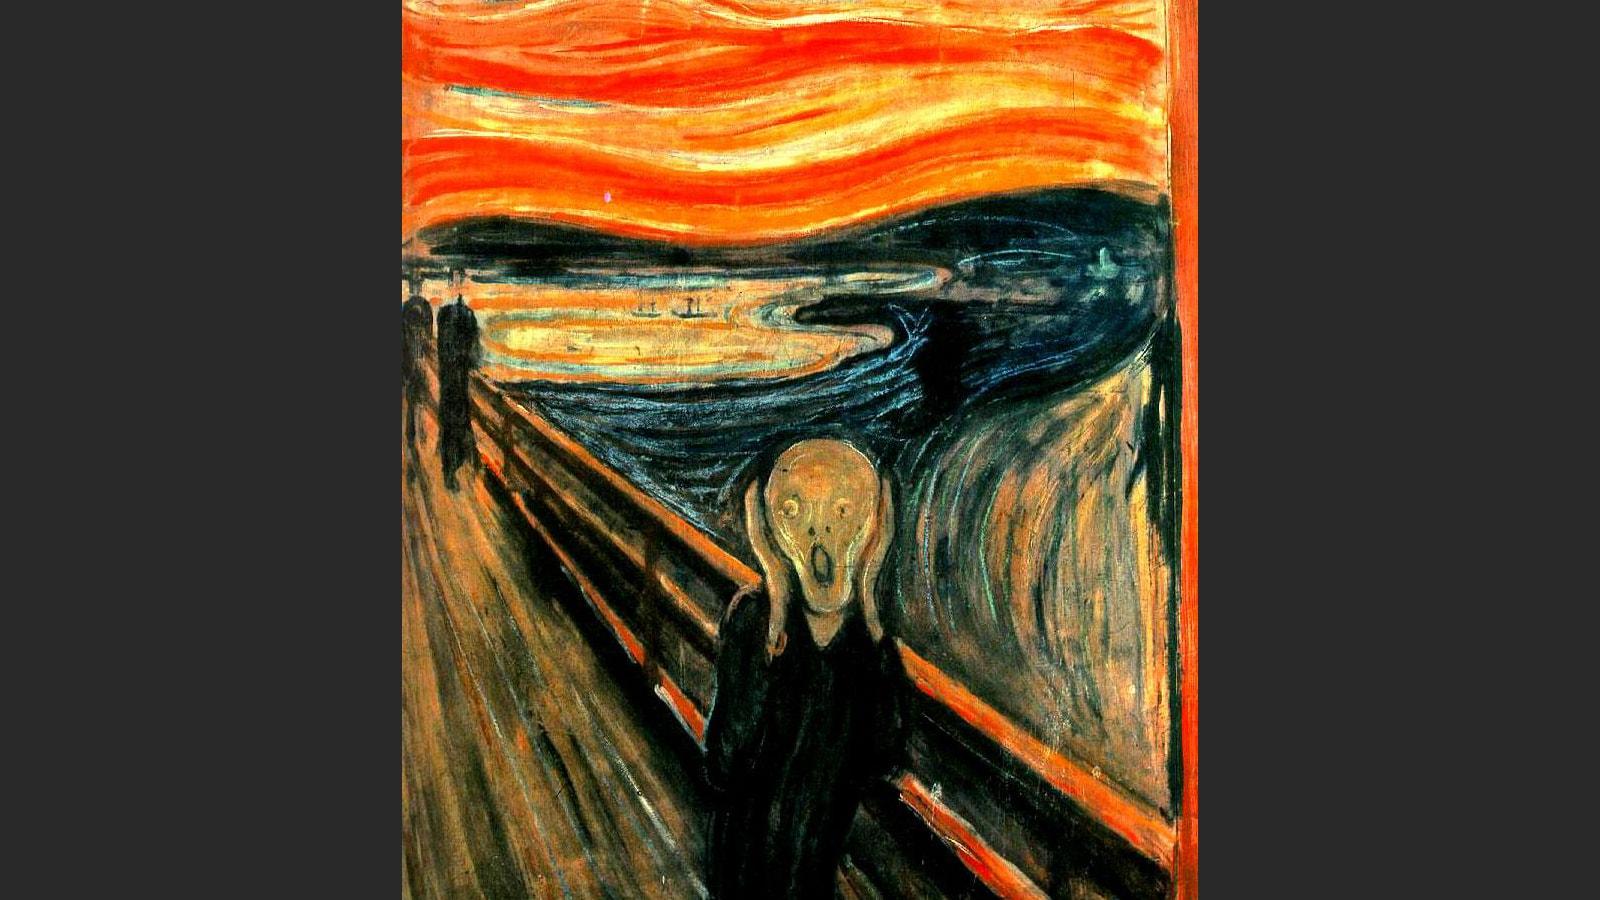 Historias trágicas de artistas que los inspiraron a realizar sus famosas pinturas - 3